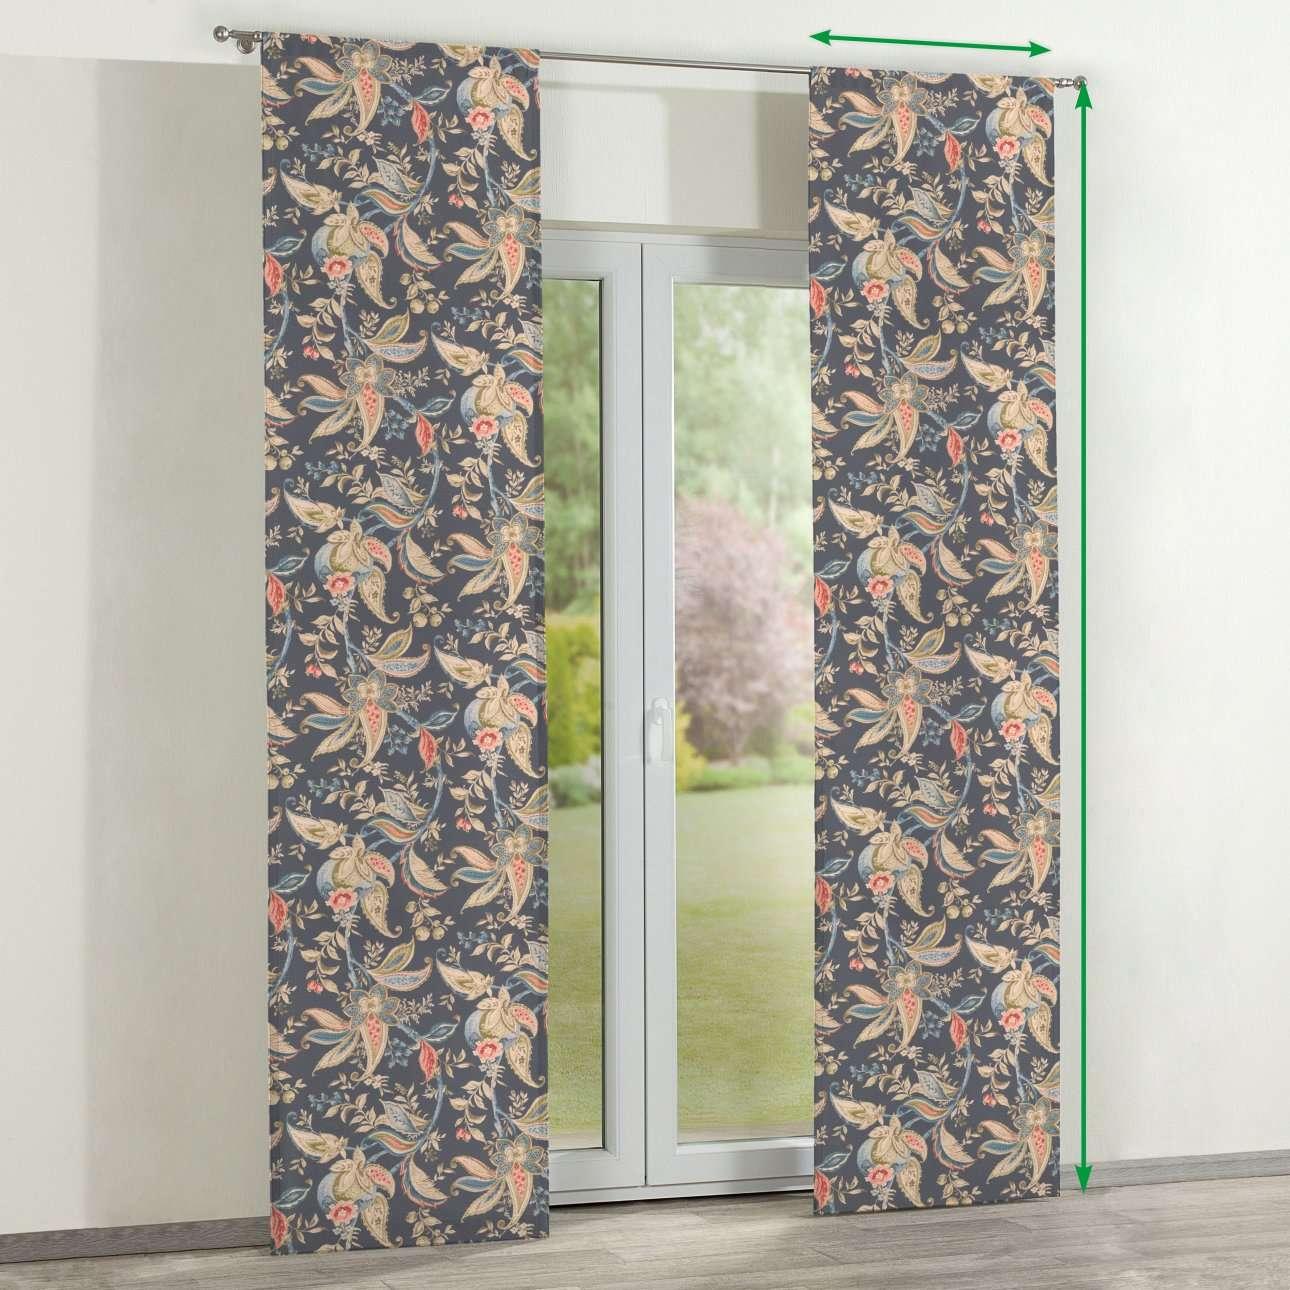 Lapfüggöny 2 darabos a kollekcióból Gardenia Lakástextil, Dekoranyag: 142-19